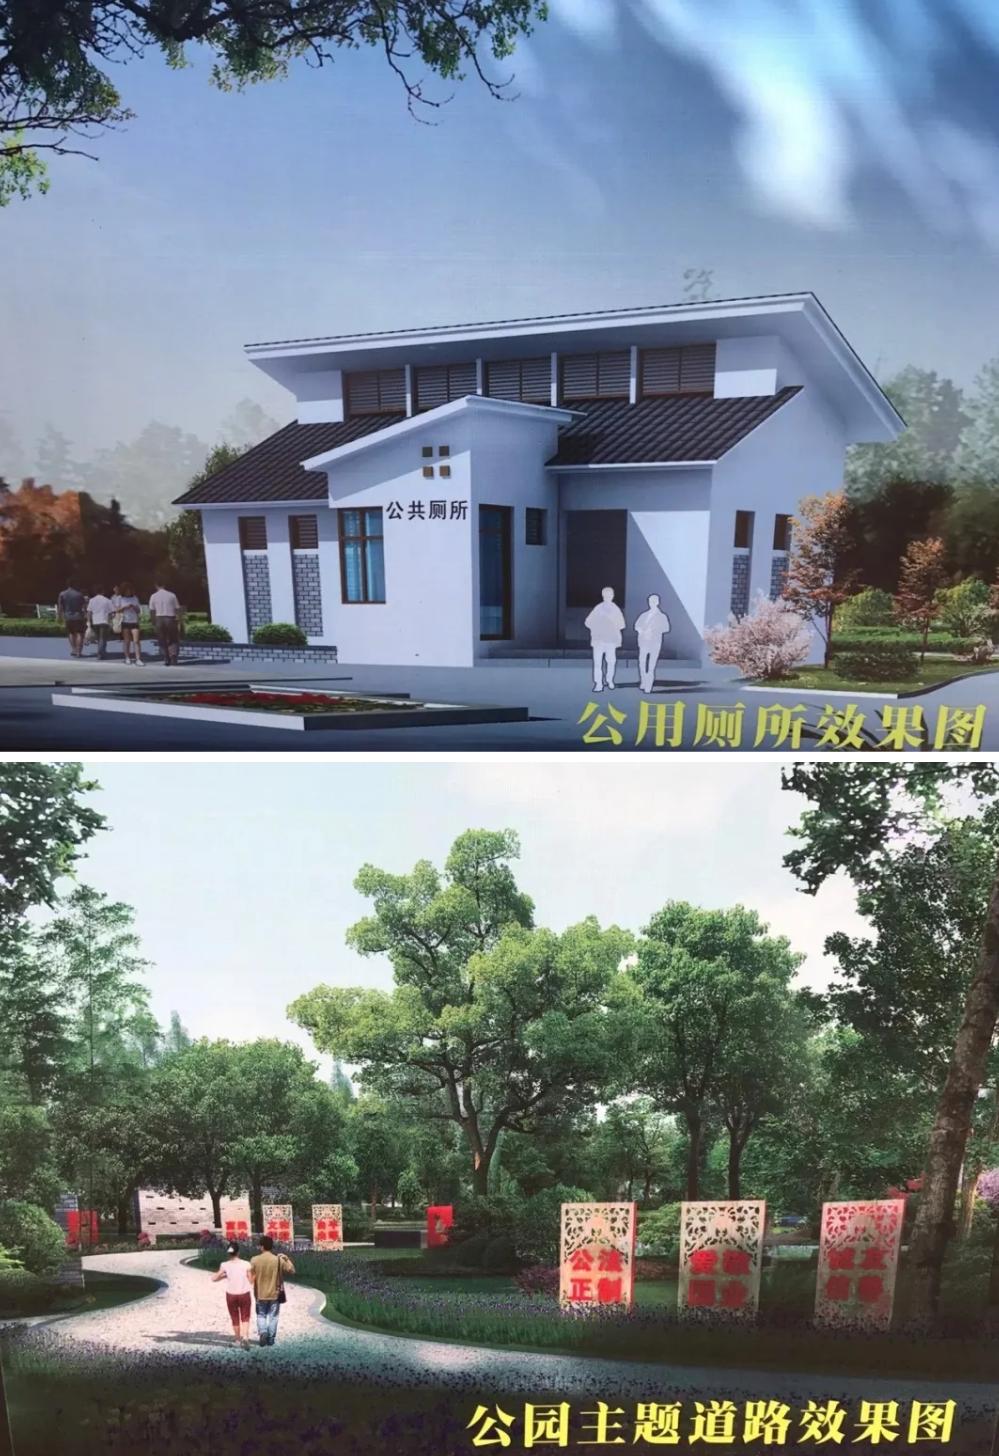 陆丰东海玉照公园即将升级改造 陆丰新闻 第2张